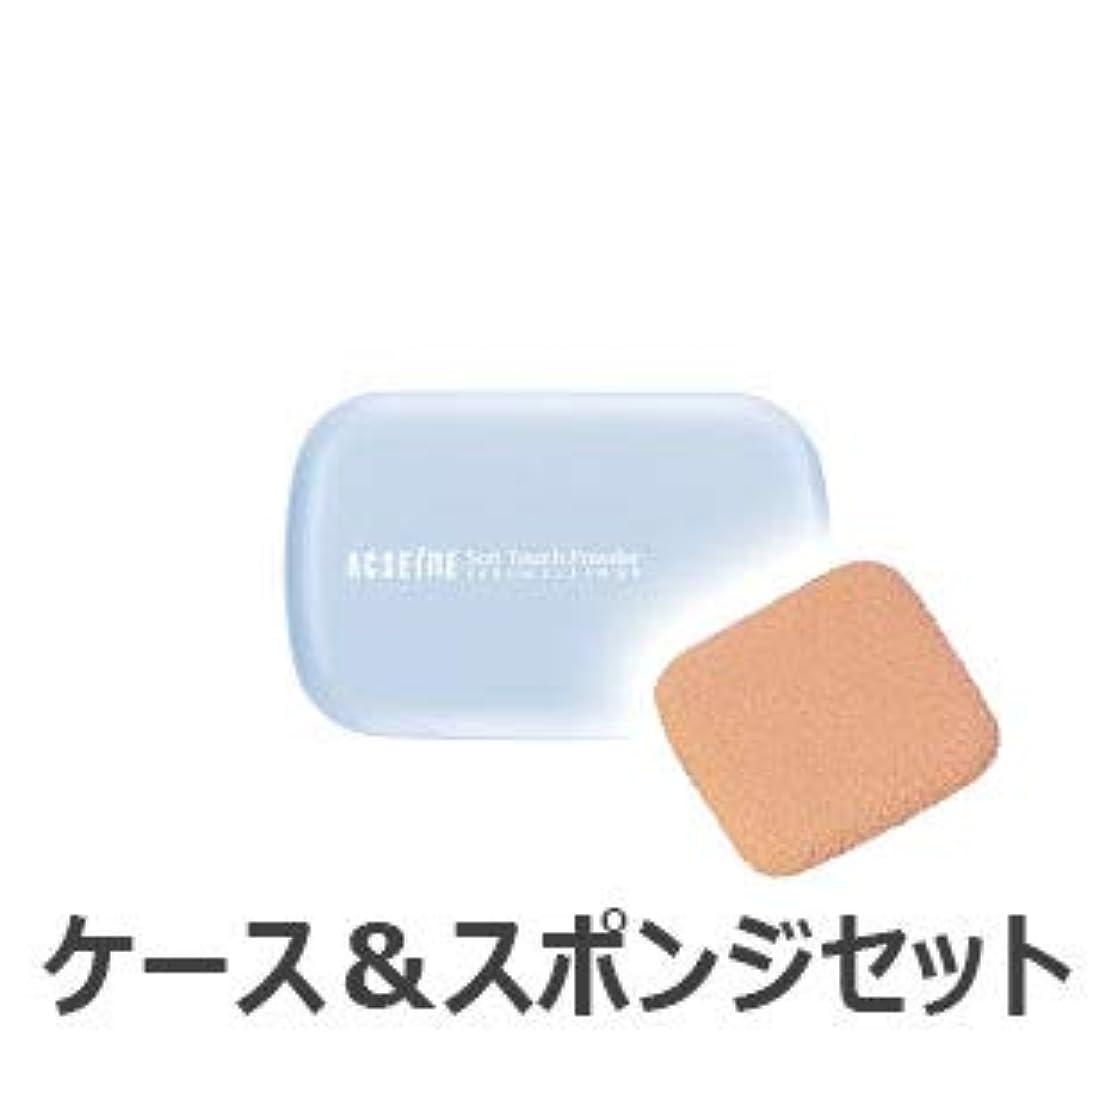 純度分数土砂降りアクセーヌ ソフトタッチパウダー ケース(スポンジつき) & 専用スポンジ セット